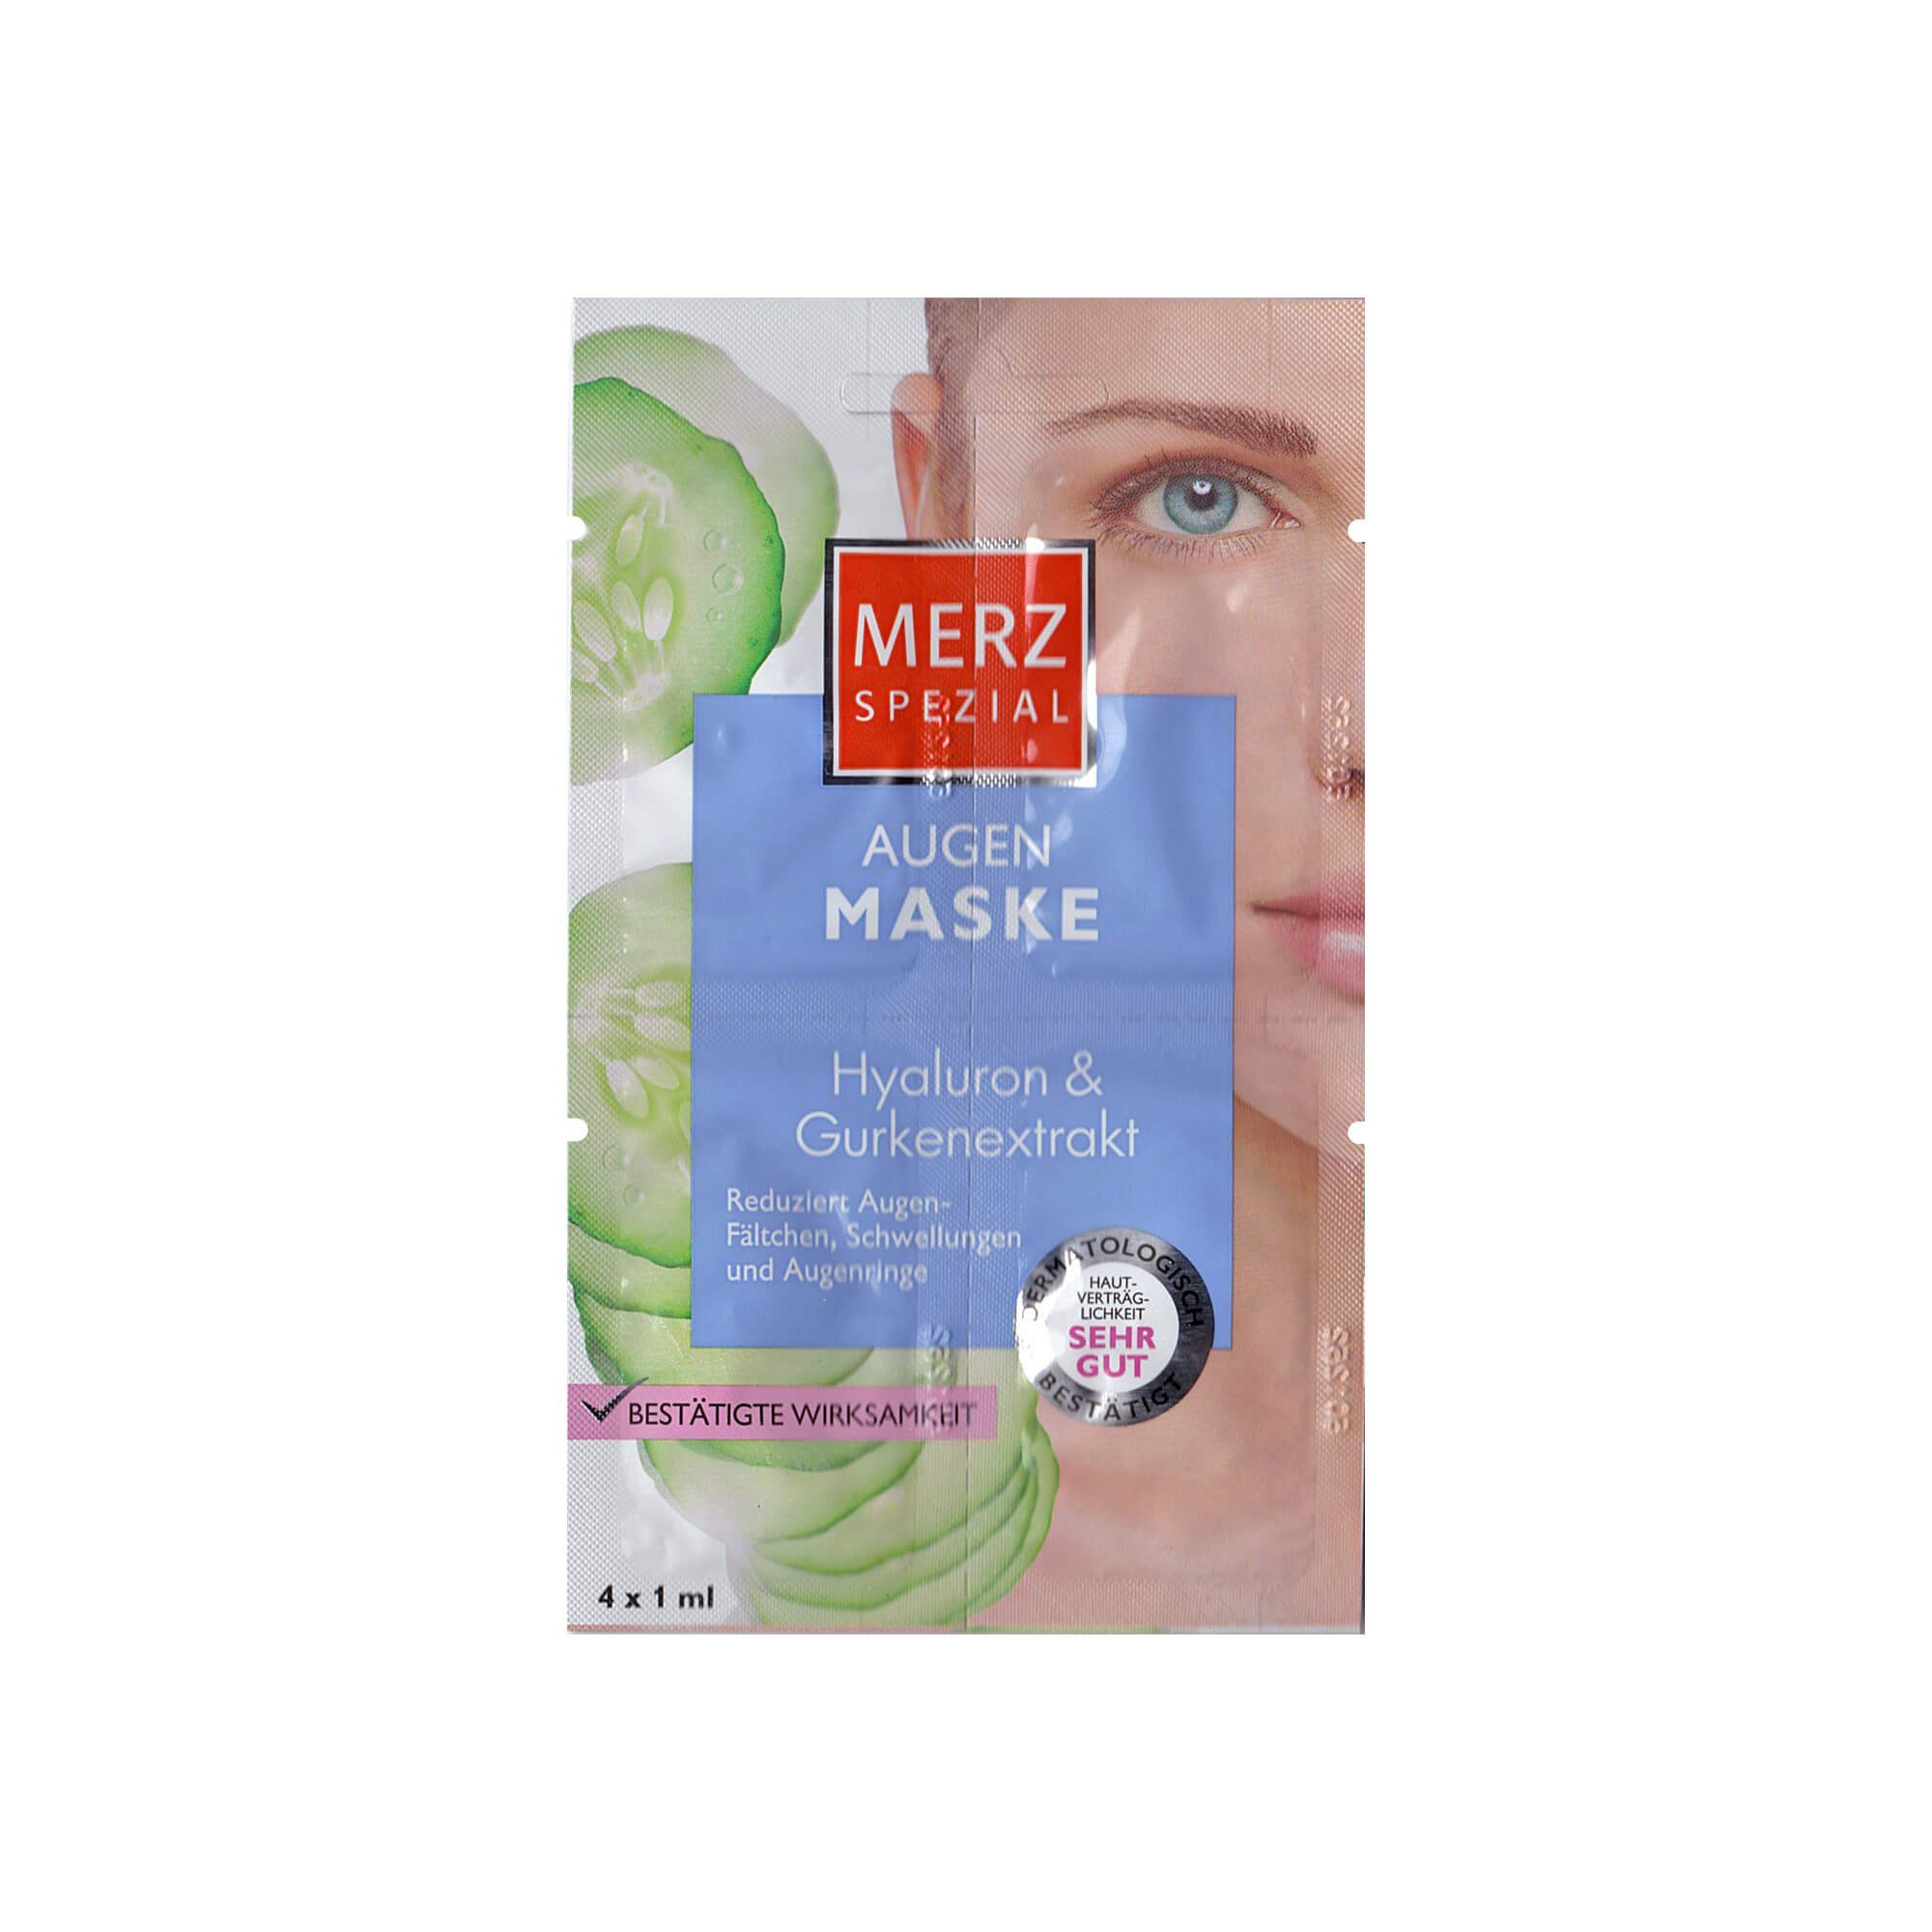 Merz Spezial Augen Maske , 4X1 ml